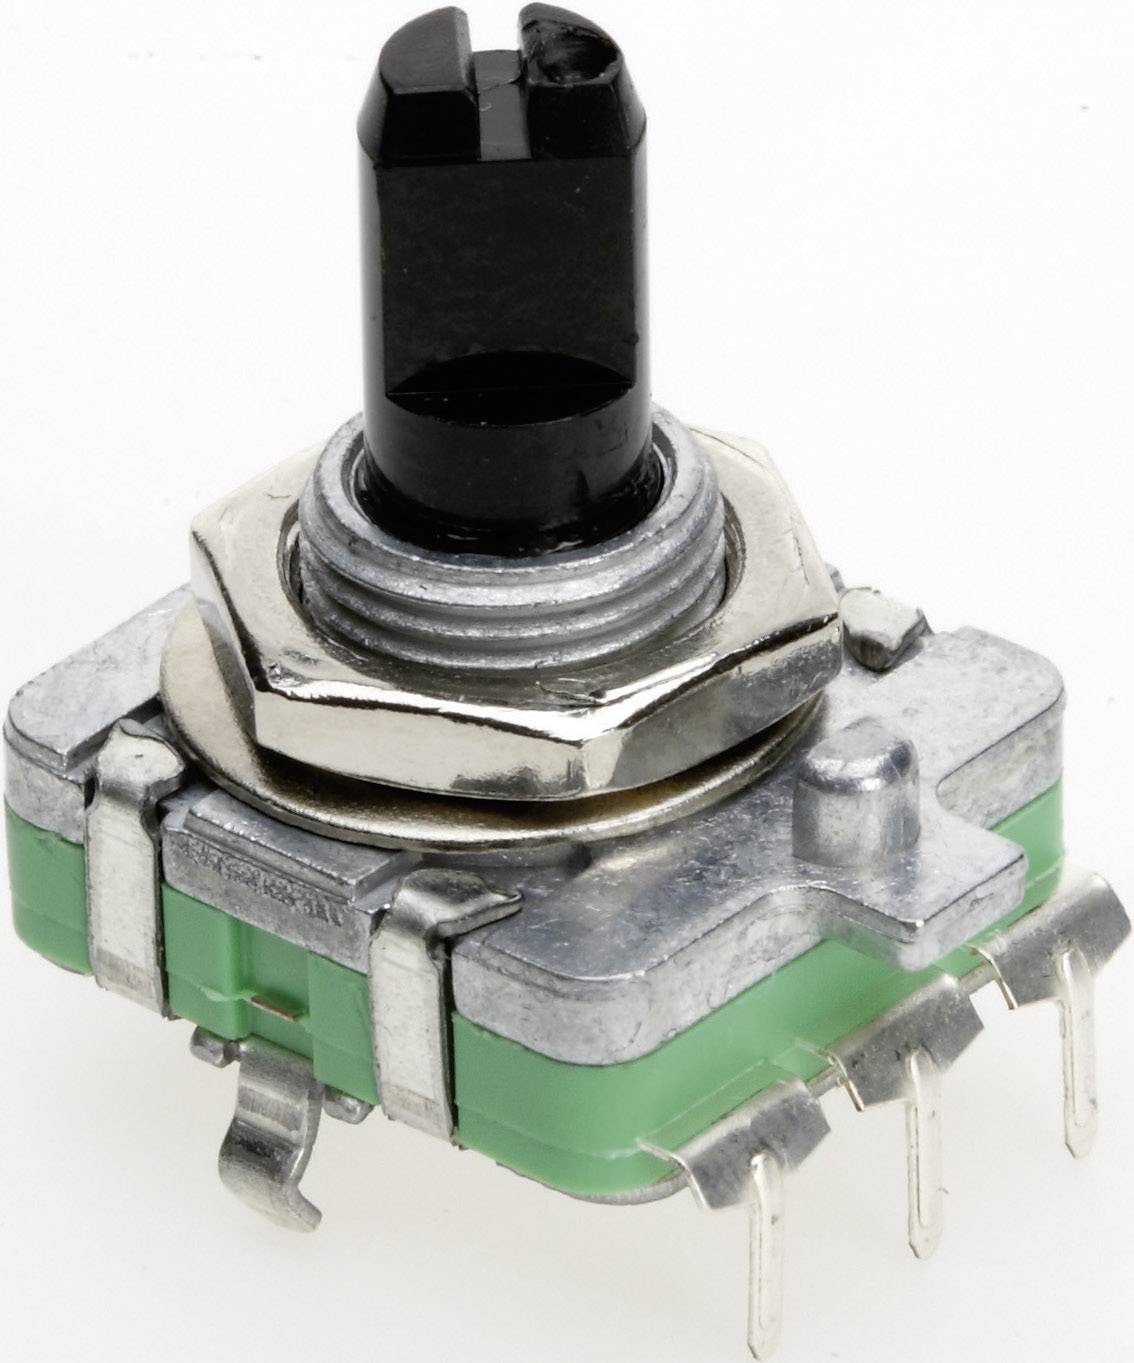 Enkodér TT Electronics AB EN16-H22AF15, 5 V/DC, 0.005 A, pozice 24, 360 °, 1 ks